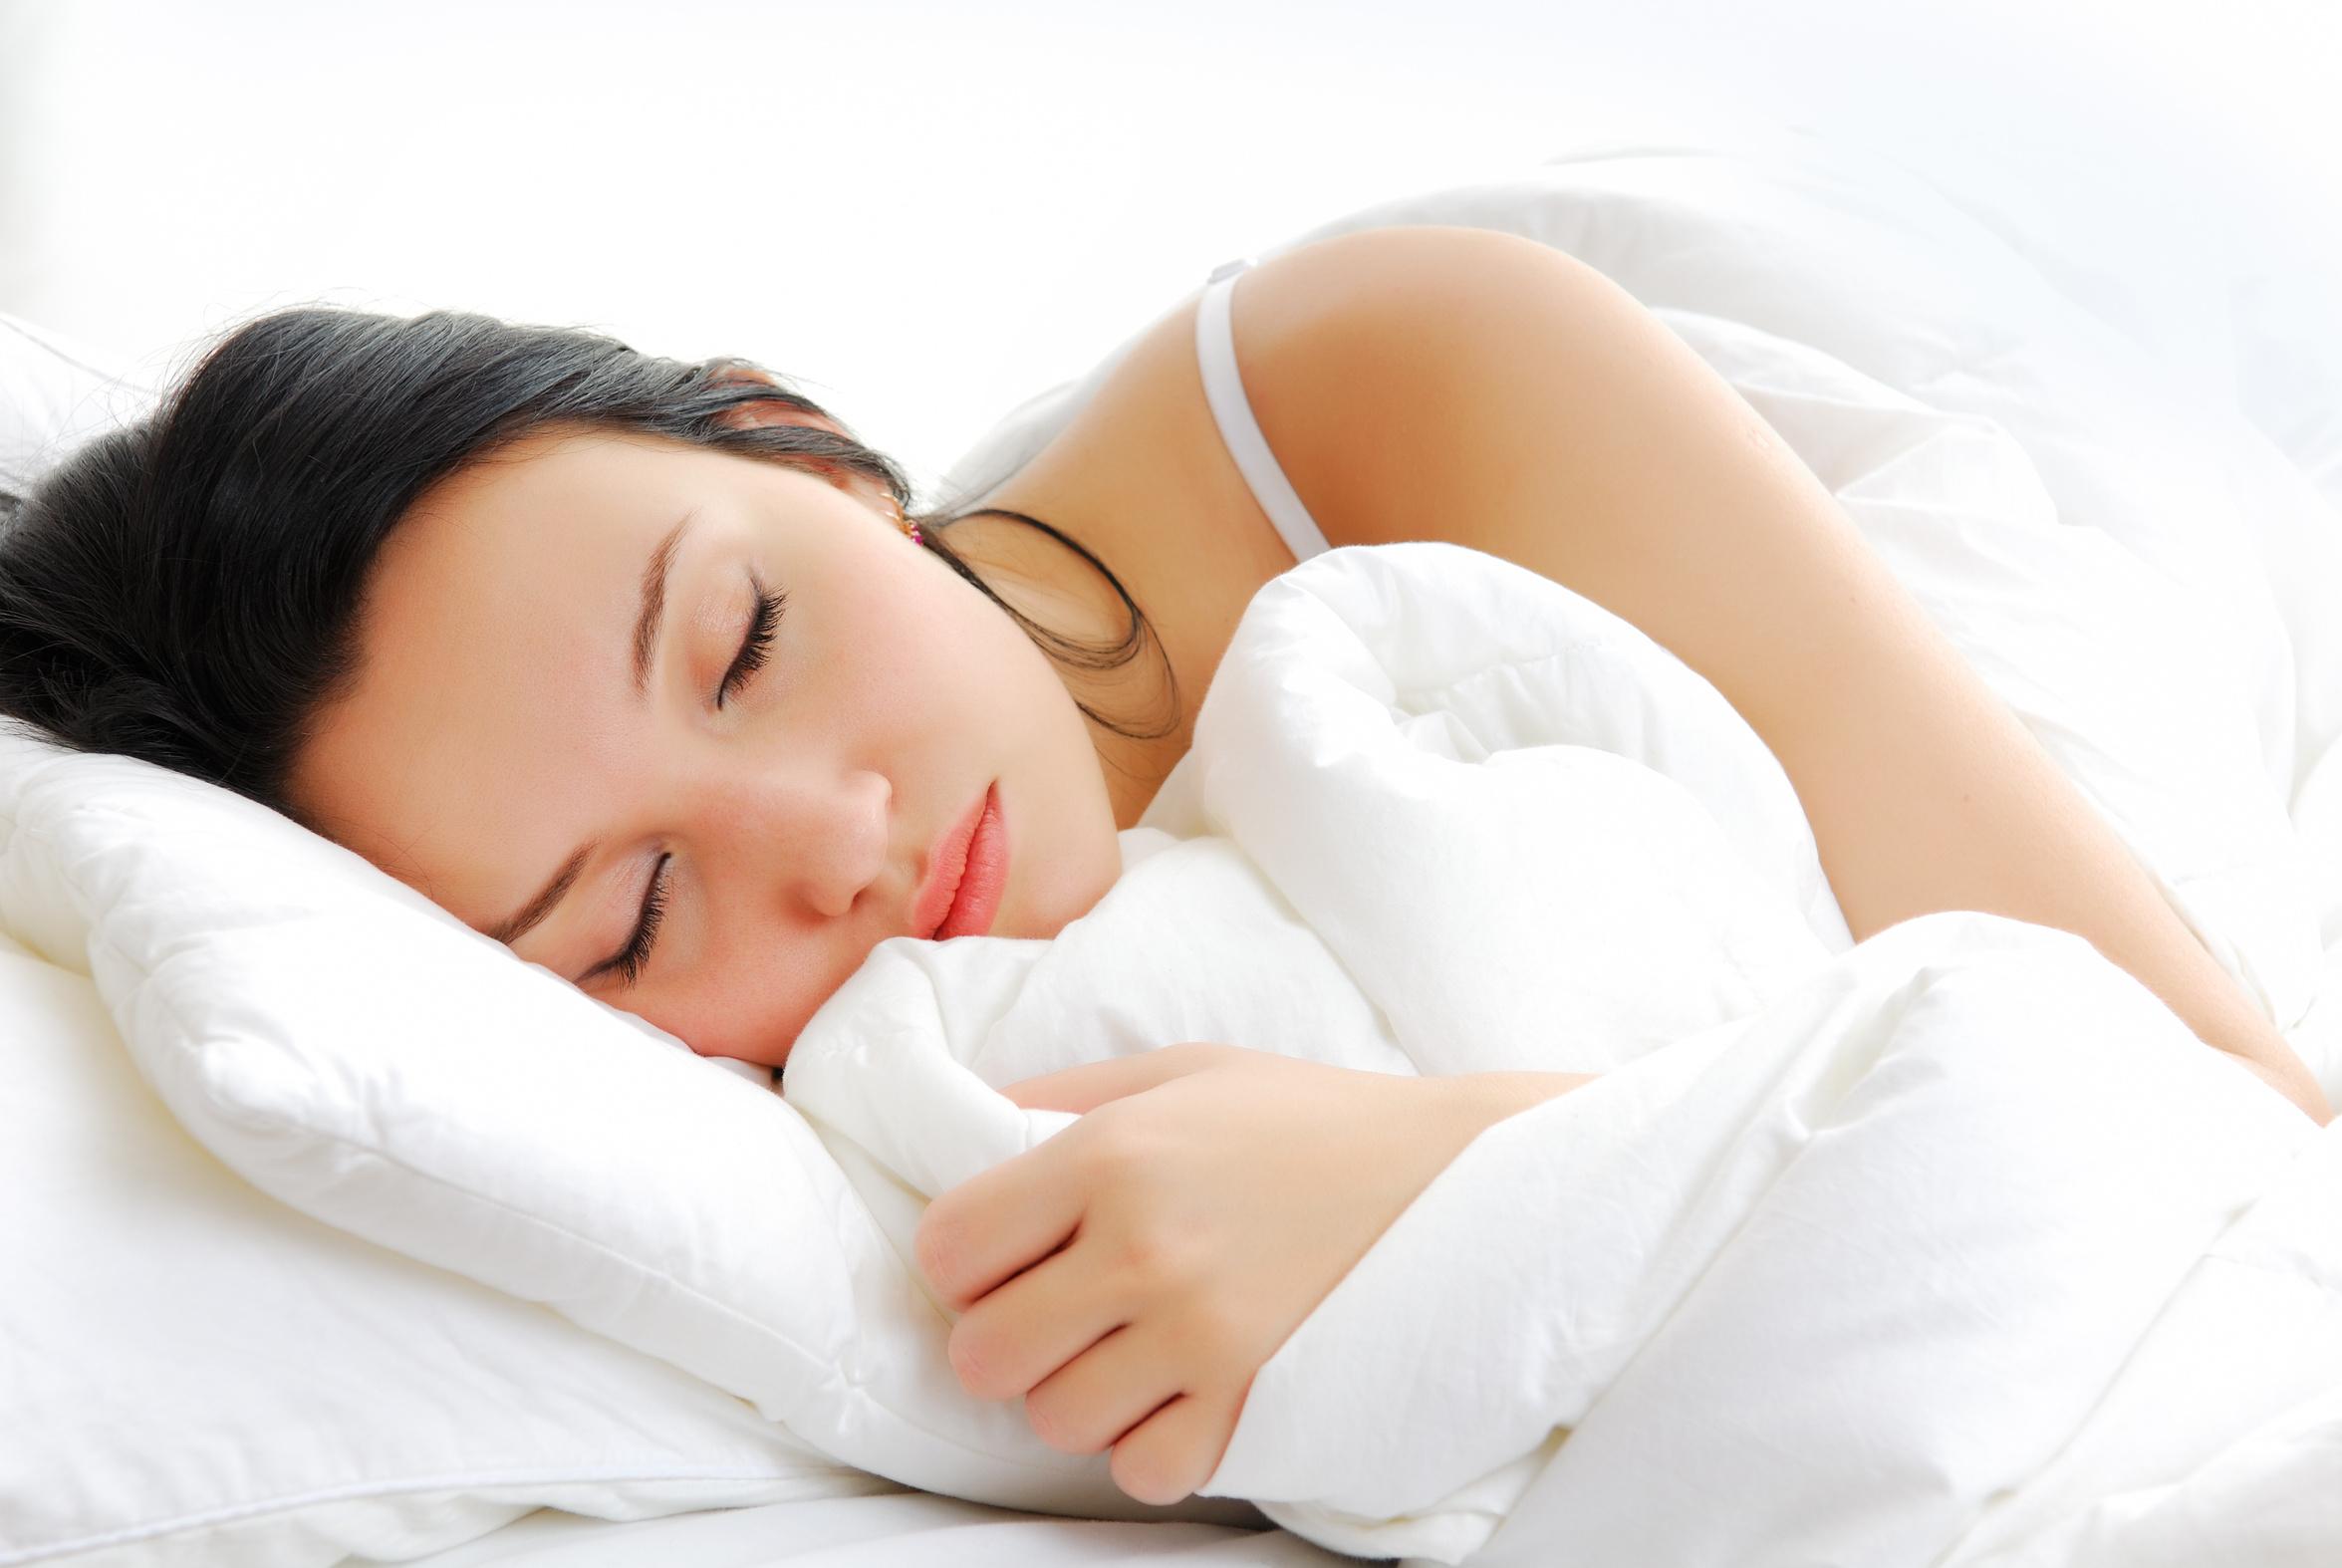 Неполноценный сон провоцирует воспаления в организме женщины